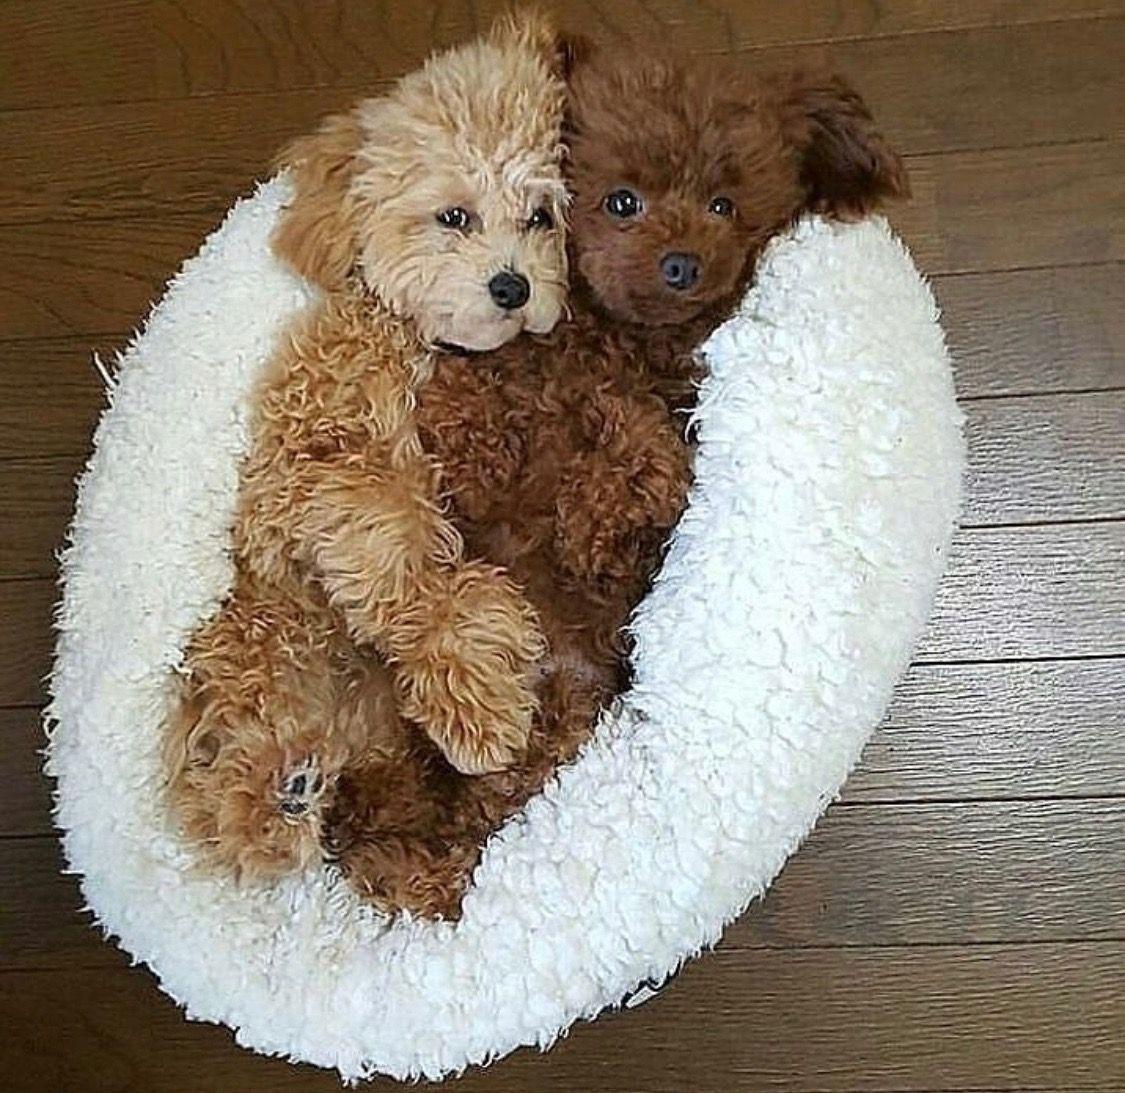 Pin De Victoria Byrd Em Getting A Puppy Cachorrinhos Fofinhos Animais Bebes Mais Fofos Caes Fofos